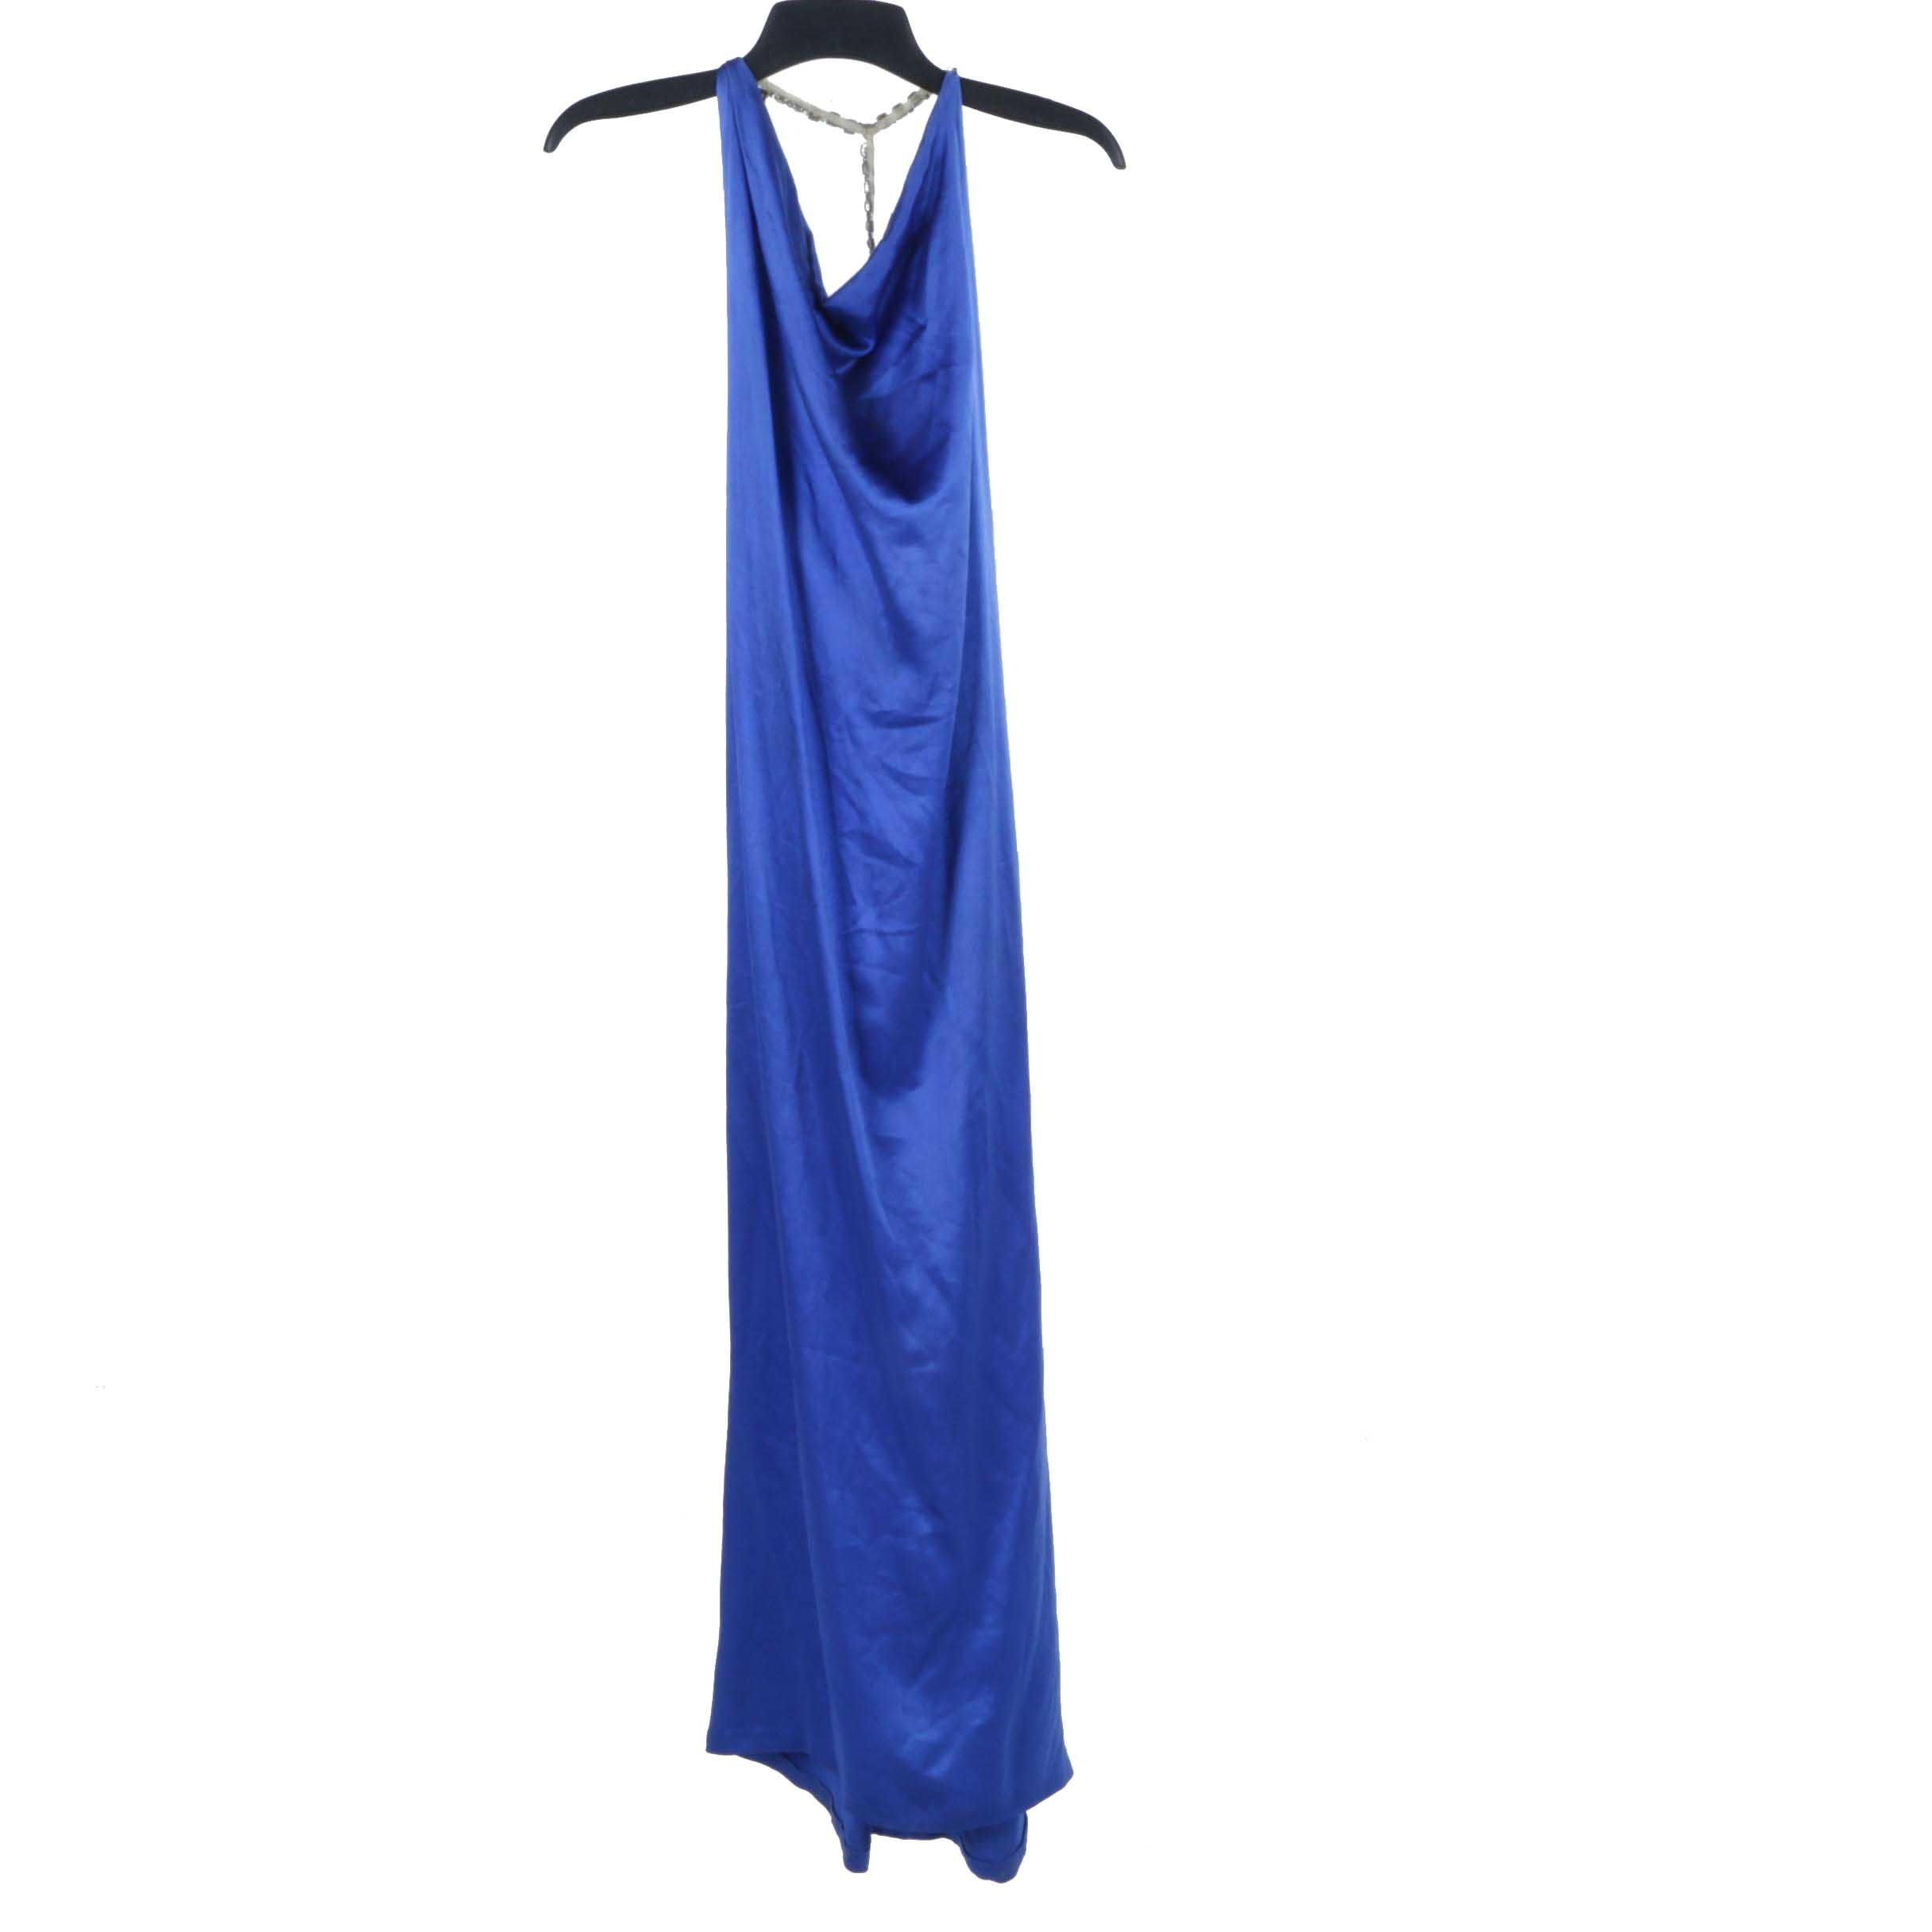 Vintage Oscar de la Renta Silk Evening Gown